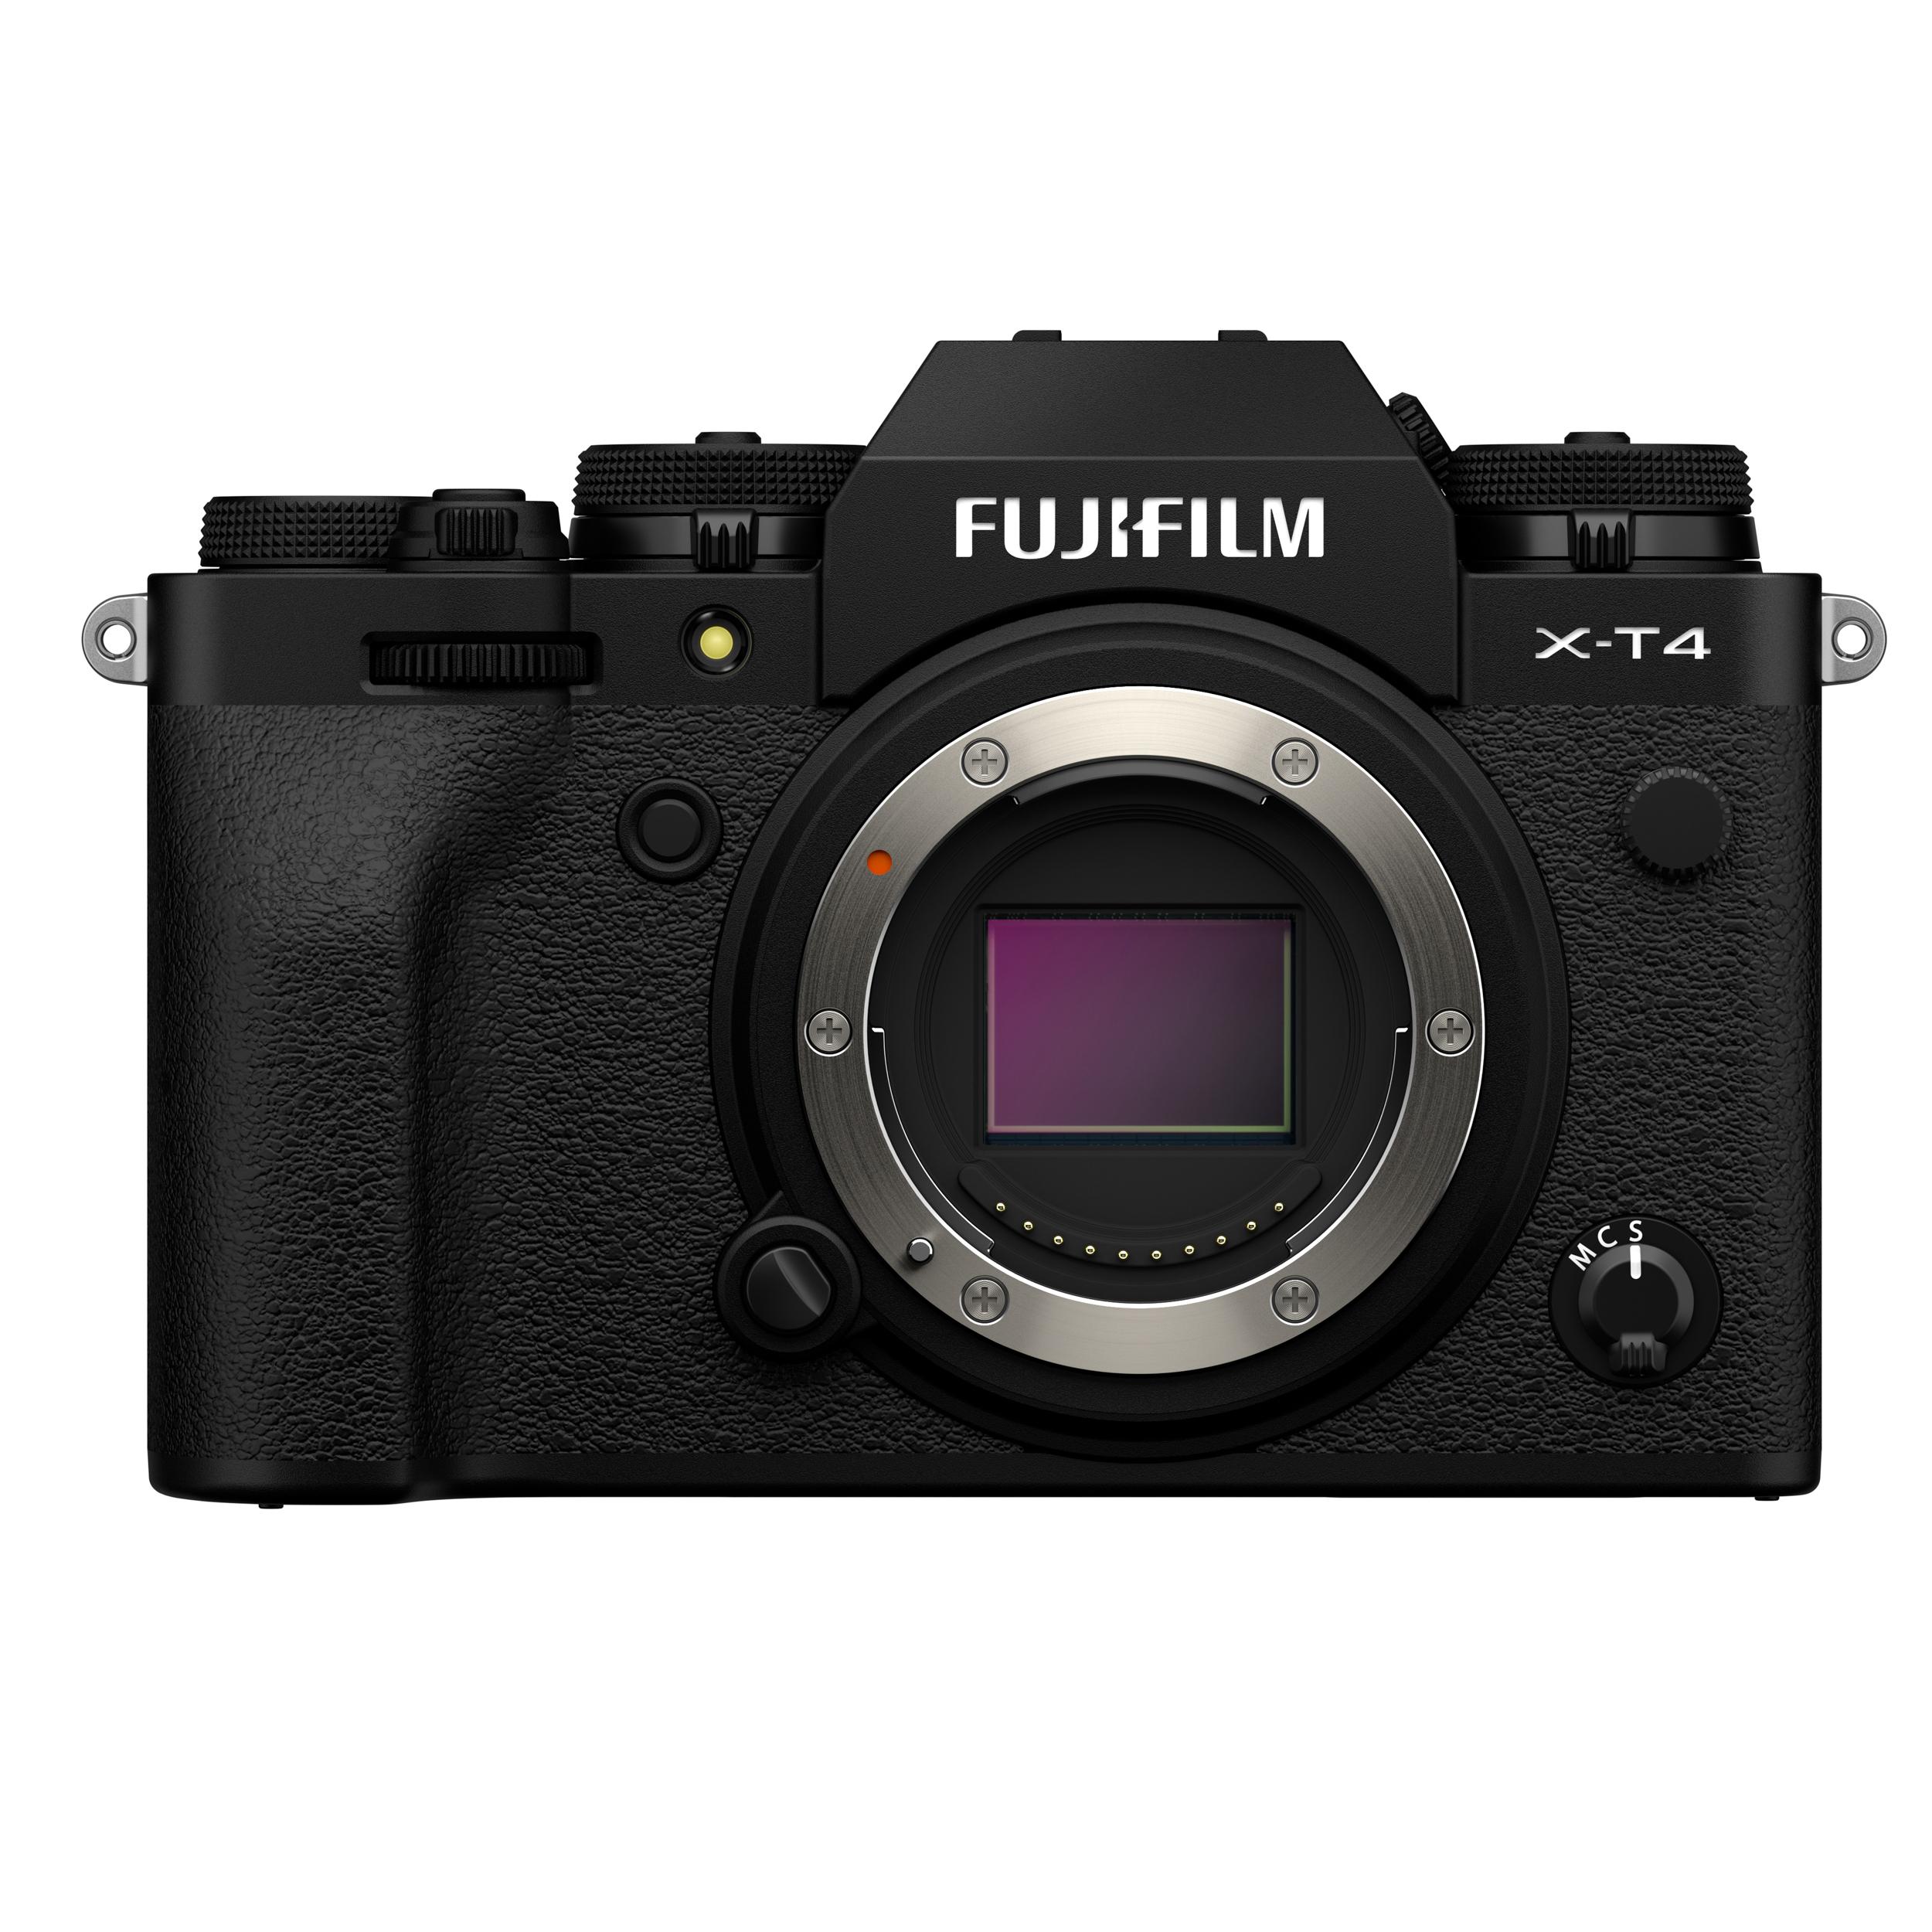 Fujifilm/16652855.jpg